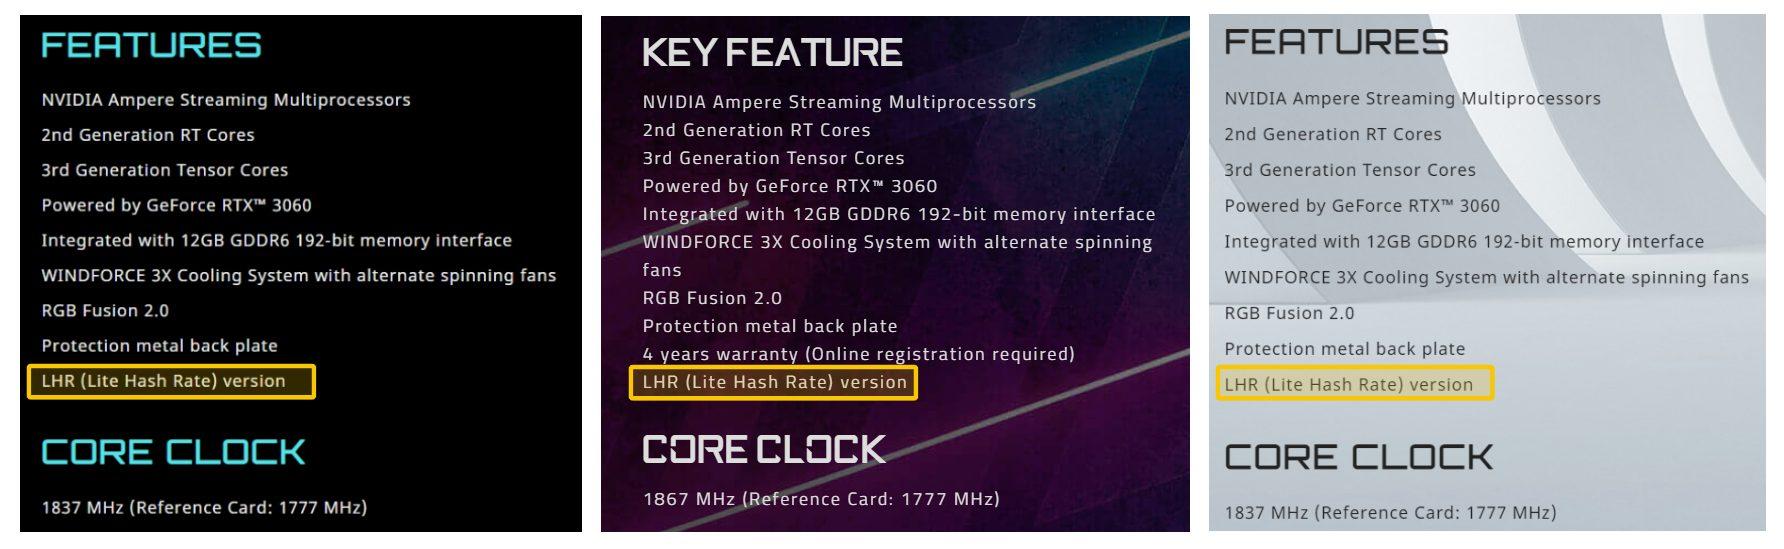 Видеокарты Gigabyte GeForce RTX 3060 обзавелись аппаратным ограничителем майнинга